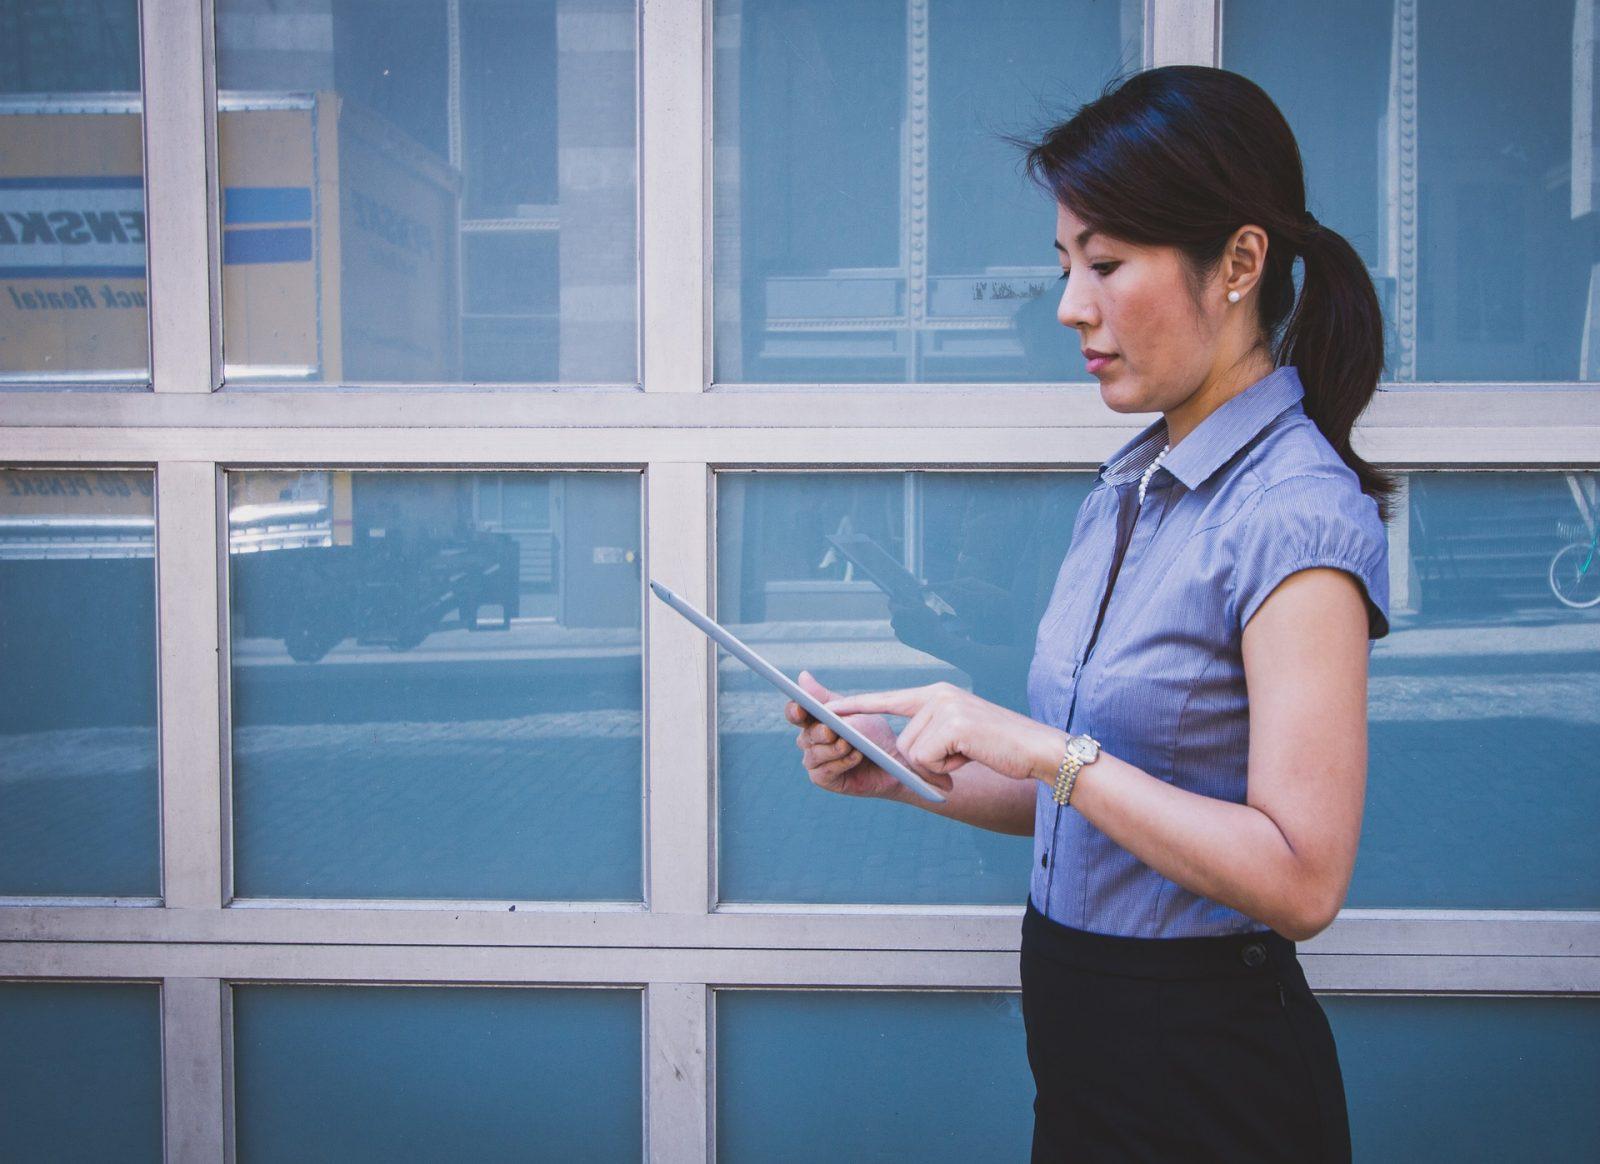 Quer ser um vendedor de plano de saúde? Leia esse artigo antes